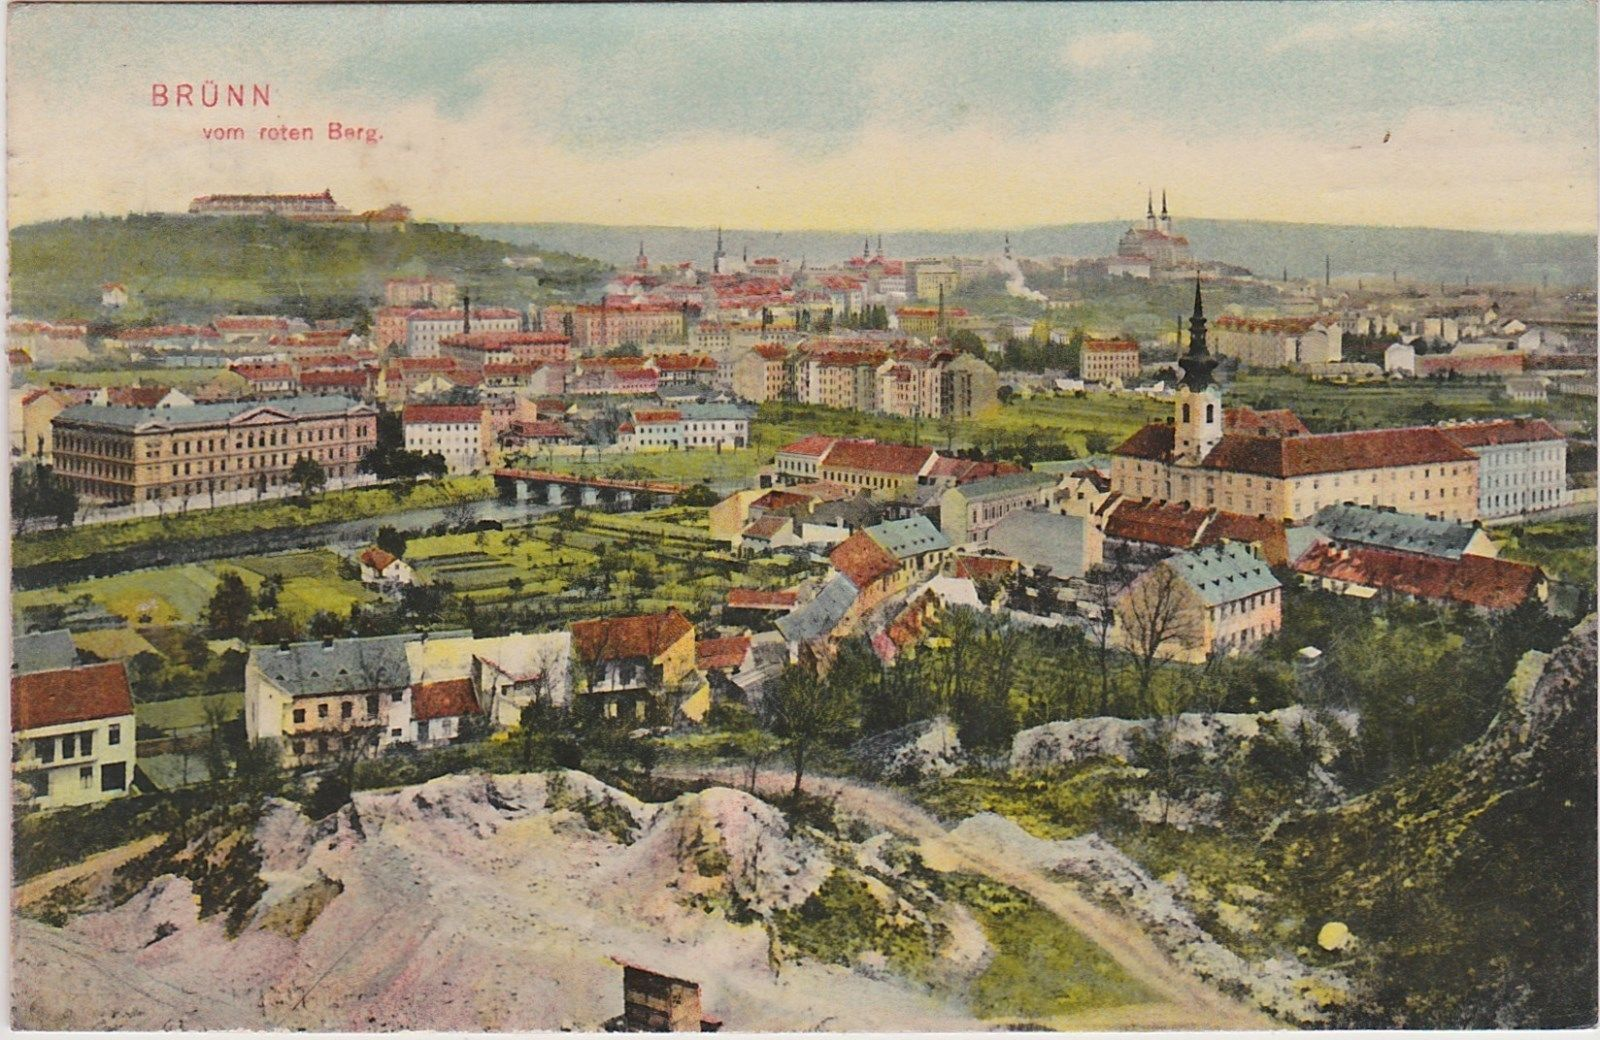 Brünn vom Roten Berg, Brno, Stadtansicht, 1909, PREIS gesenkt!!! (95)